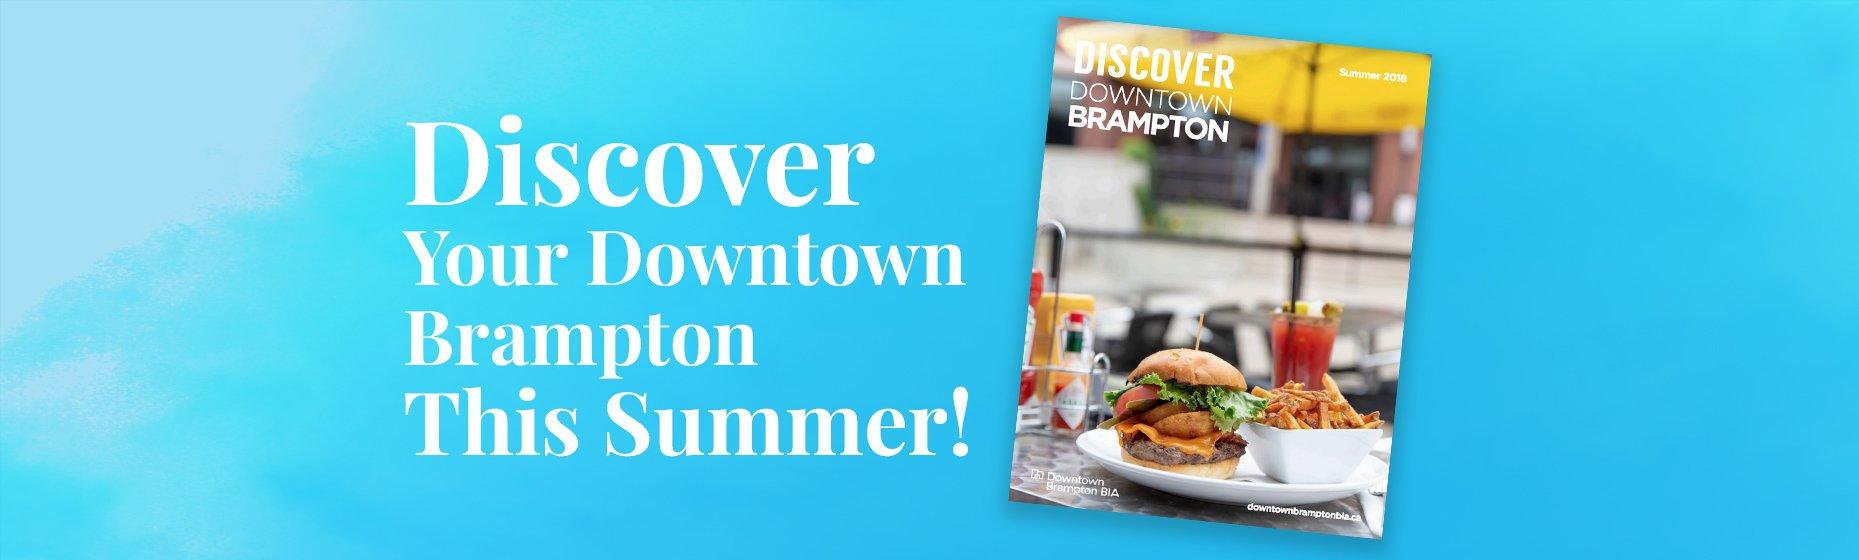 180134-Downtown-Brampton-BIA-Website-Updates_New-Summer-Issue